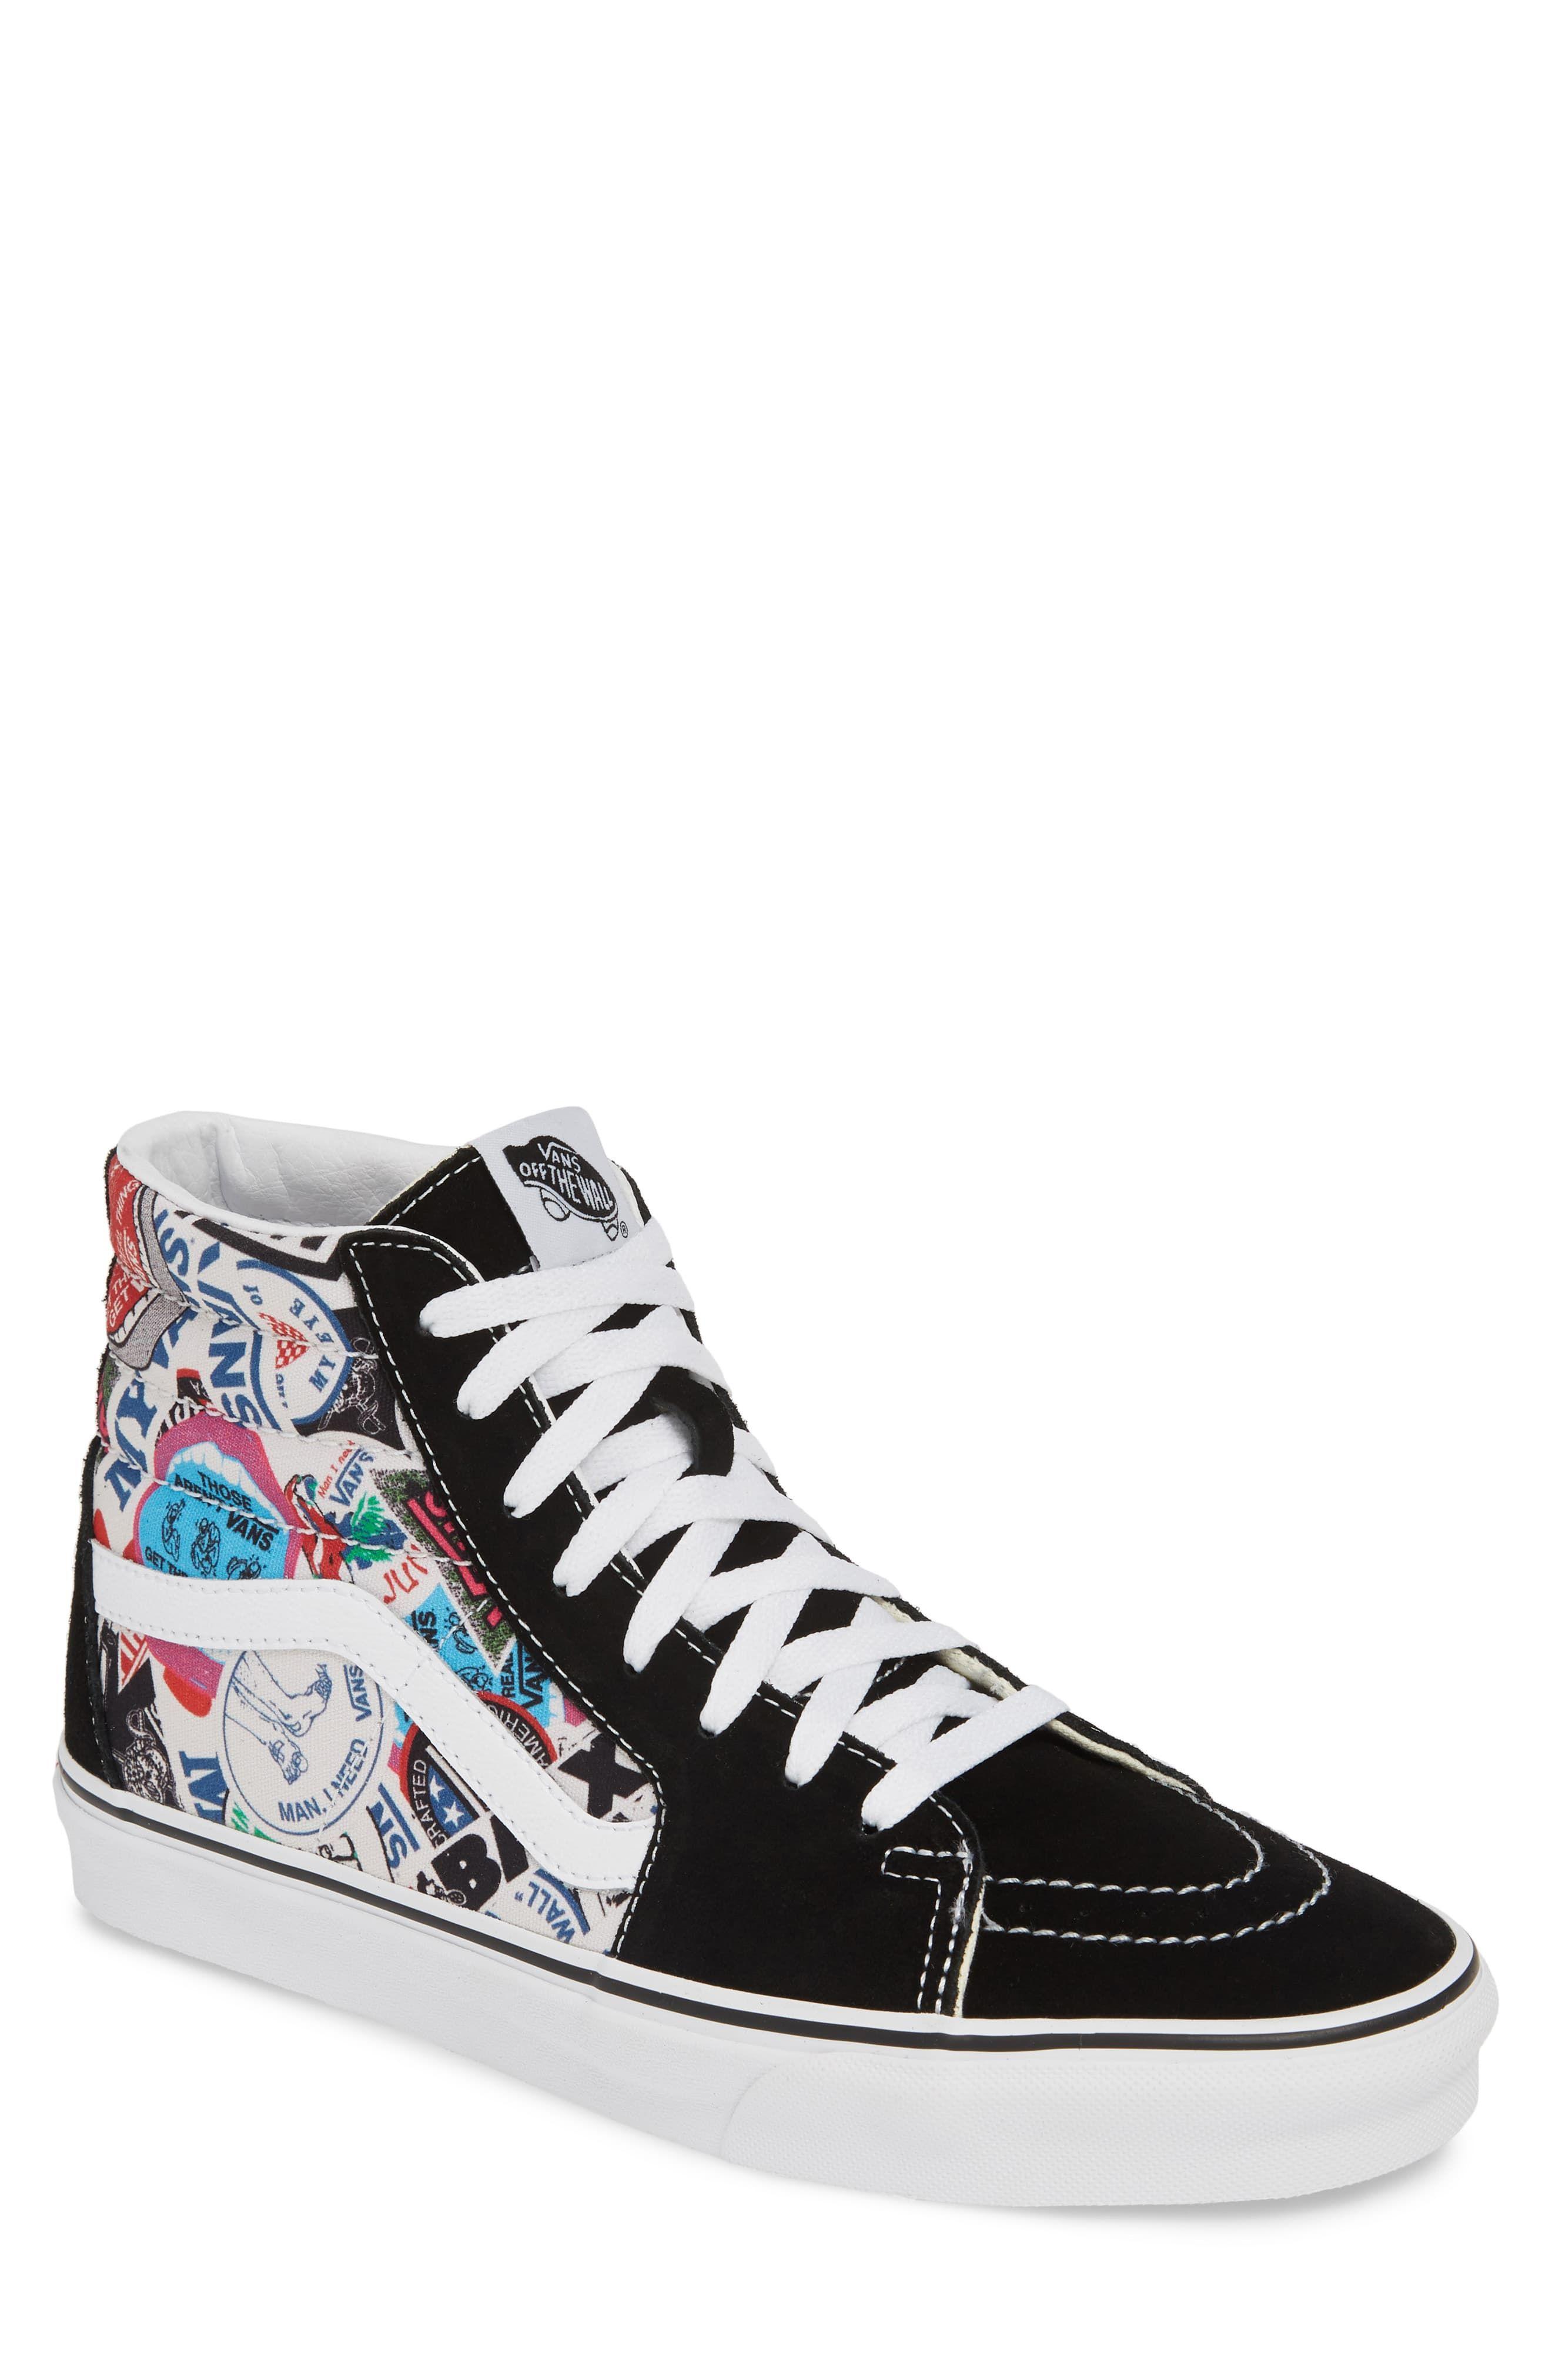 Men's Vans Sk8 Hi Reissue High Top Sneaker, Size 13 M